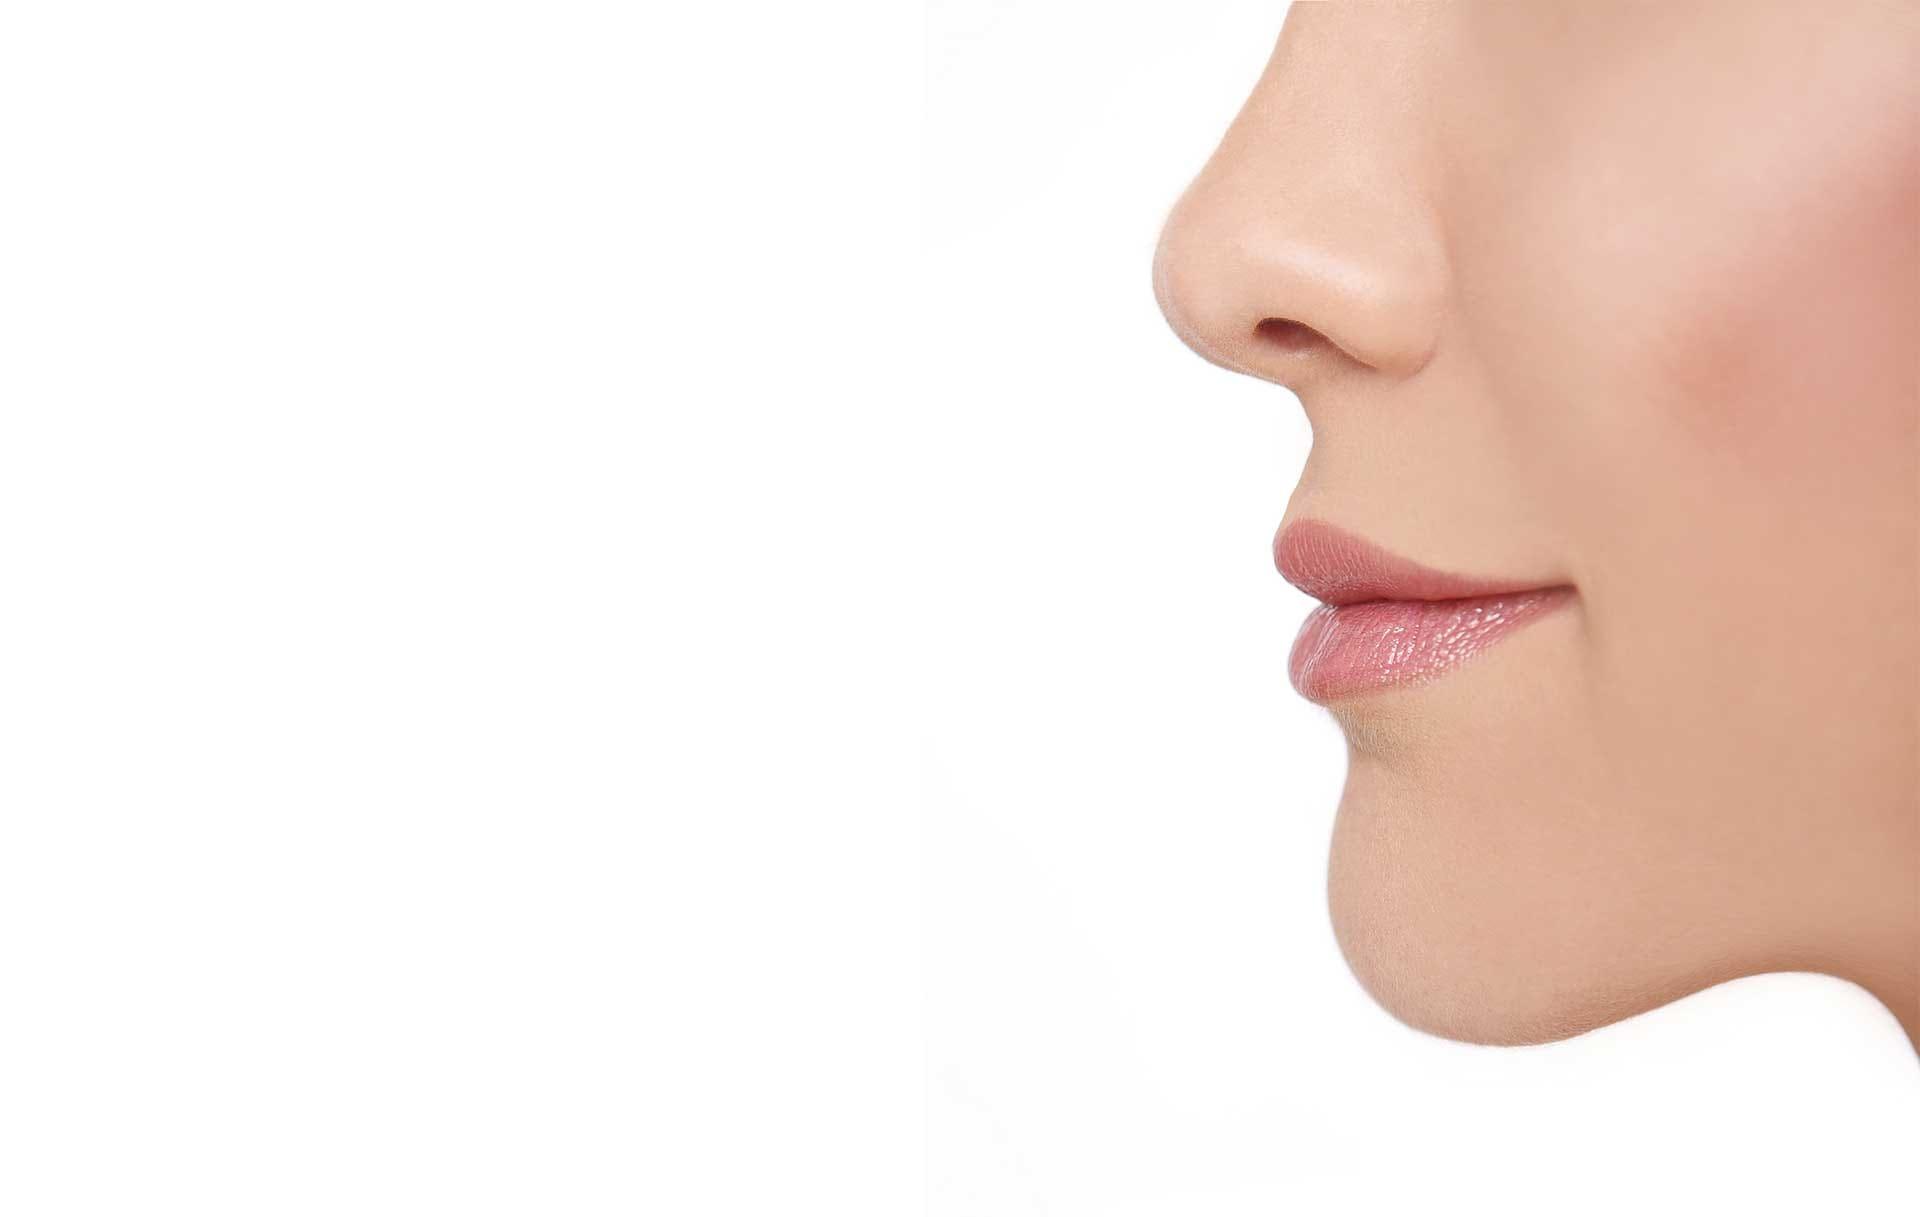 Cirugía perfiloplastia combinación rinoplastia y mentoplastia